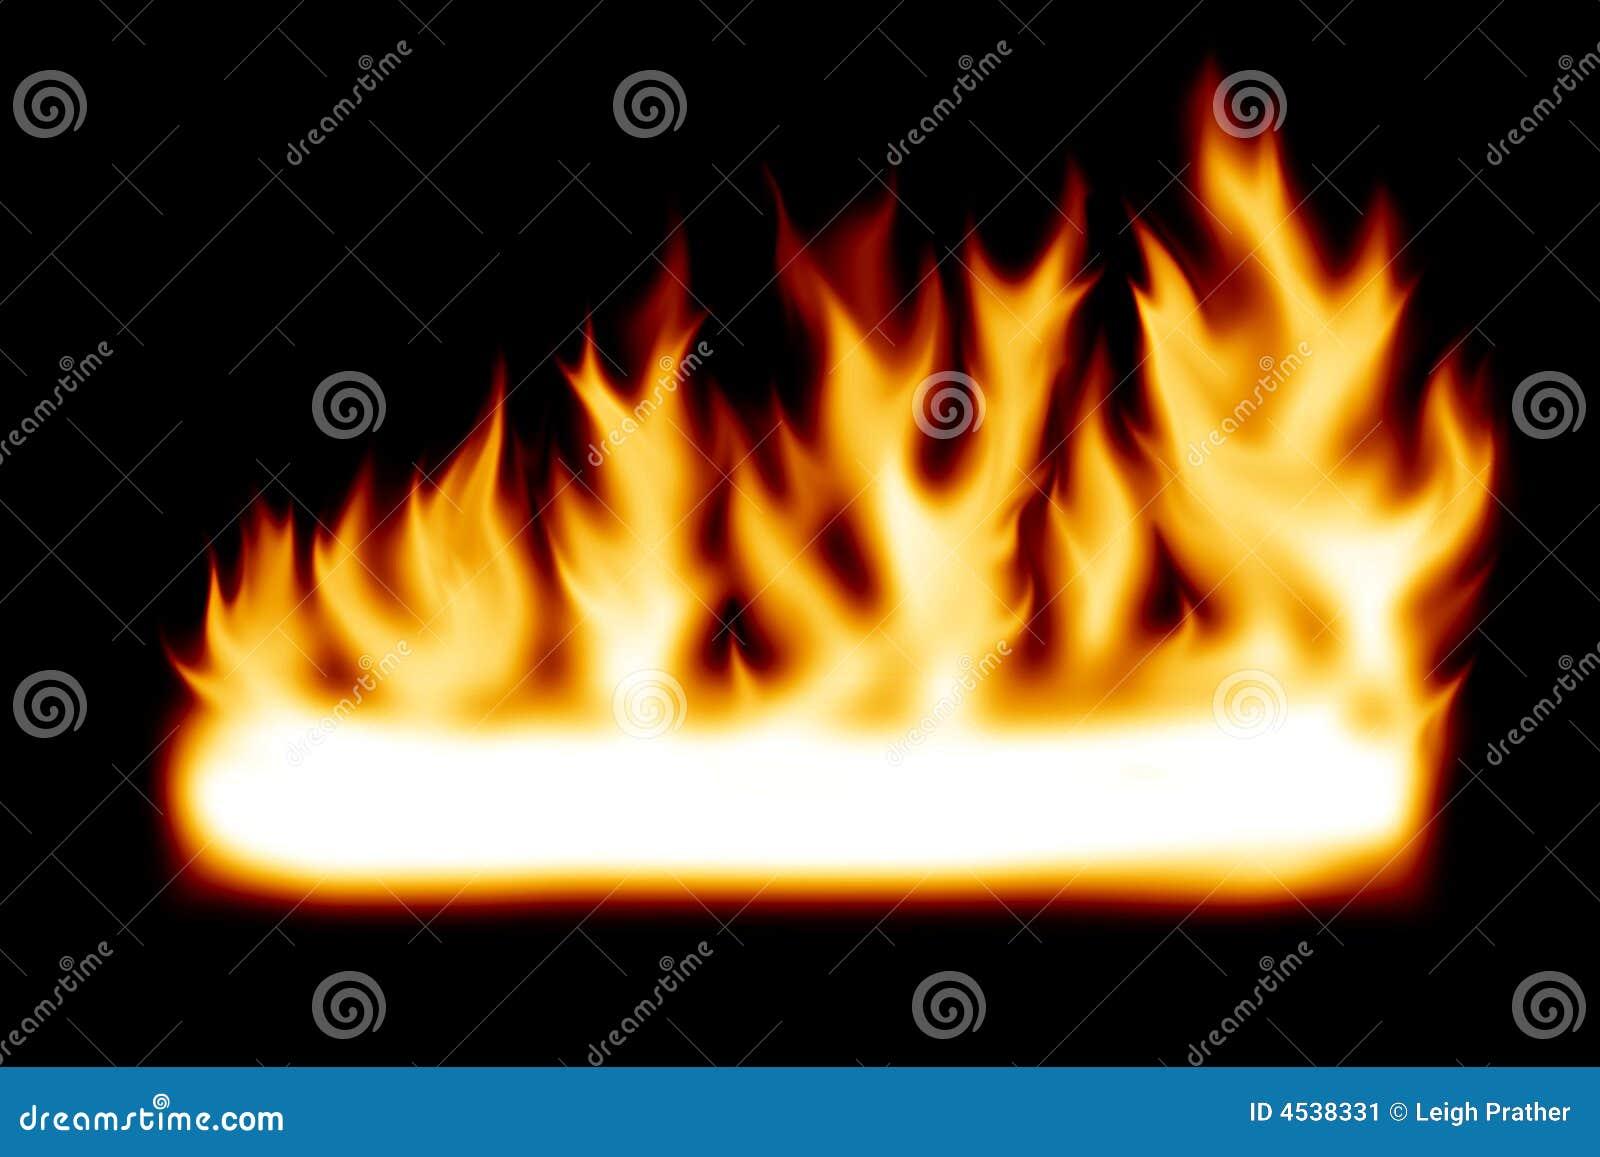 Bandera del fuego